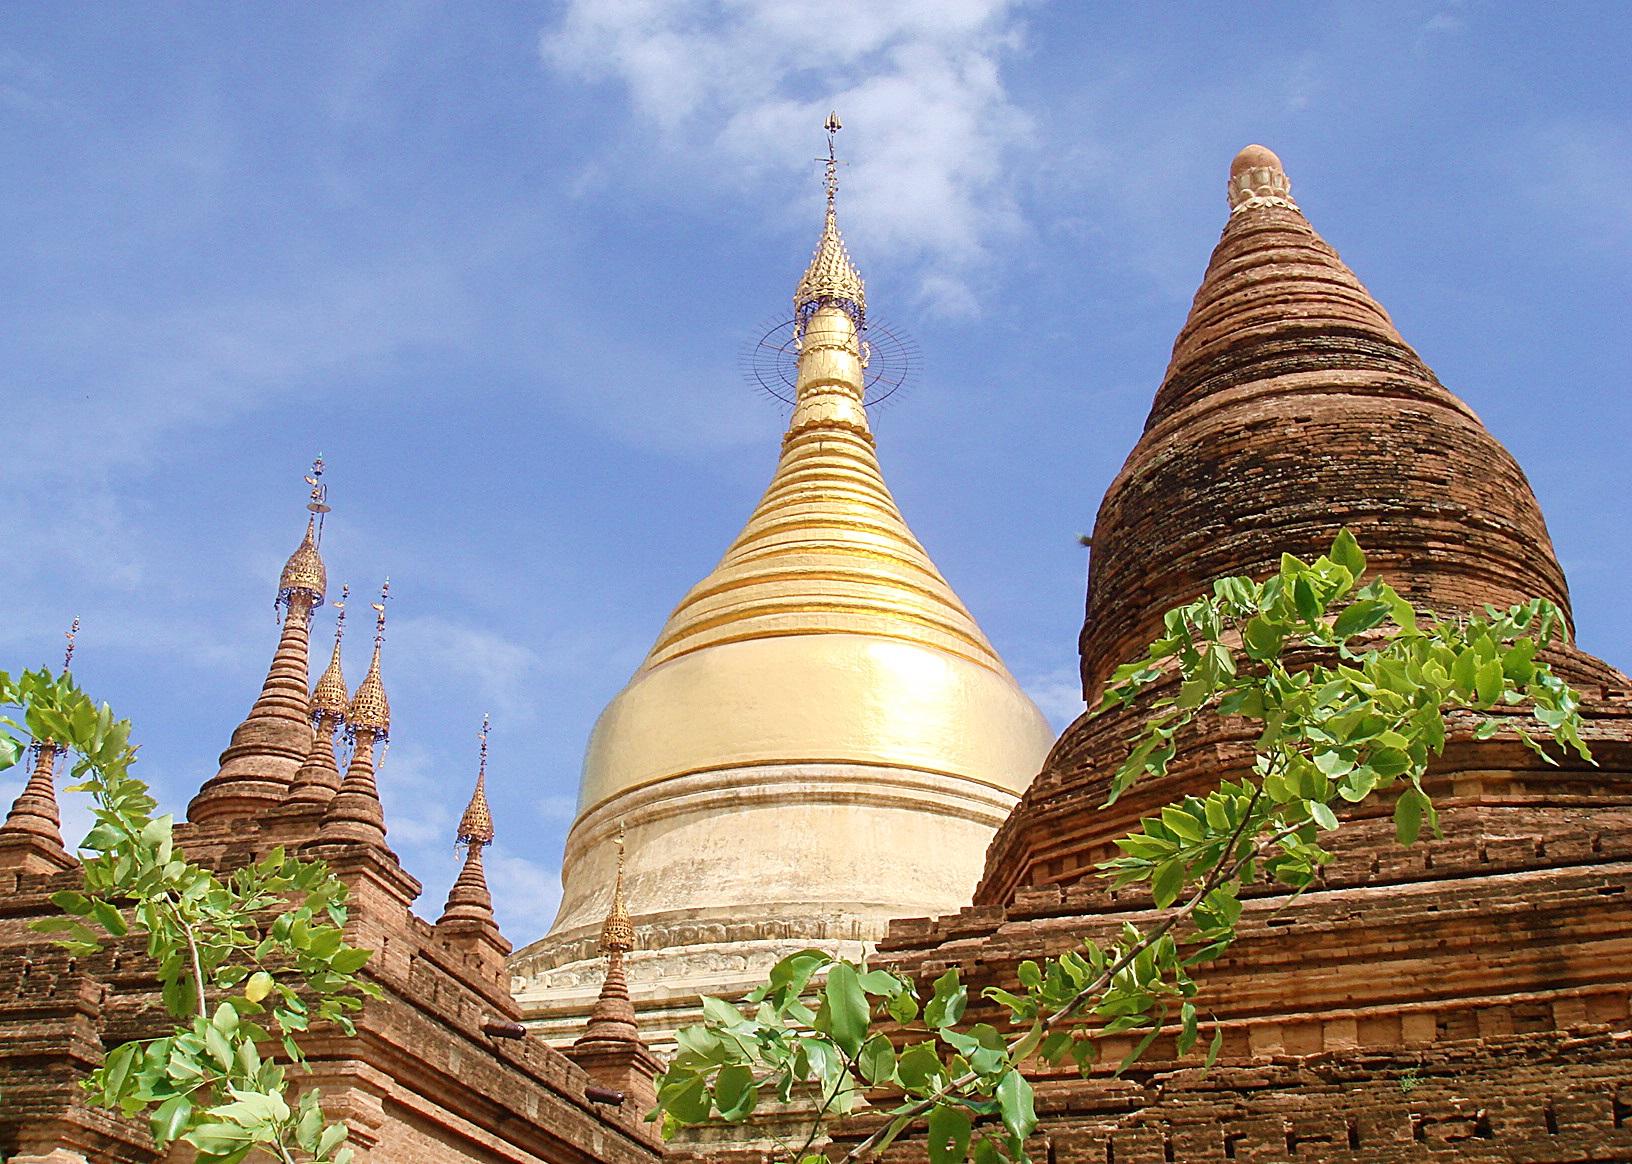 ミャンマーへの観光ビザが2019年10月以降も不要になりました!